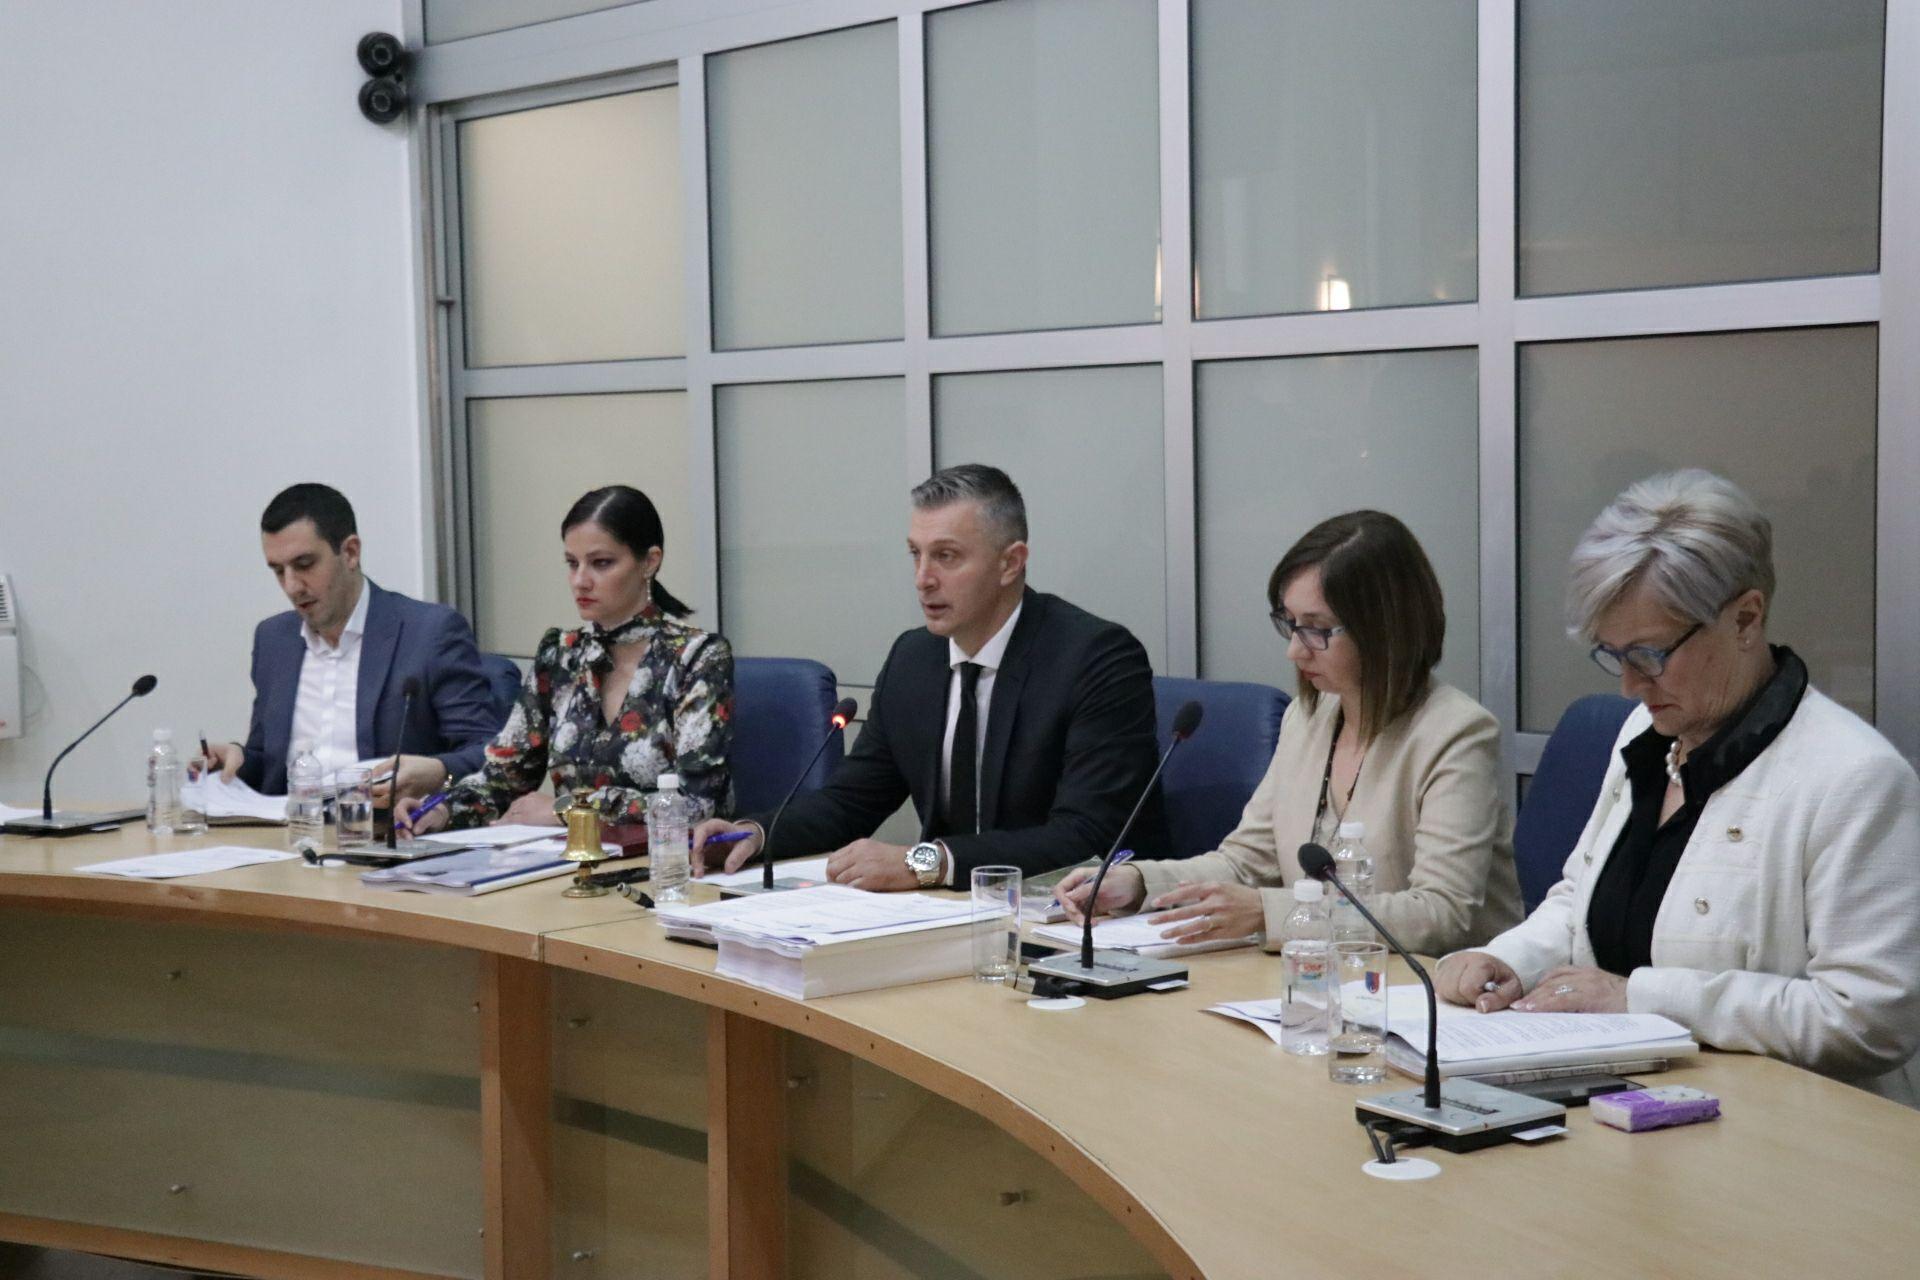 Skupština KS 28. oktobra o datumu sjednice za prijedlog glasanja o smjeni Vlade